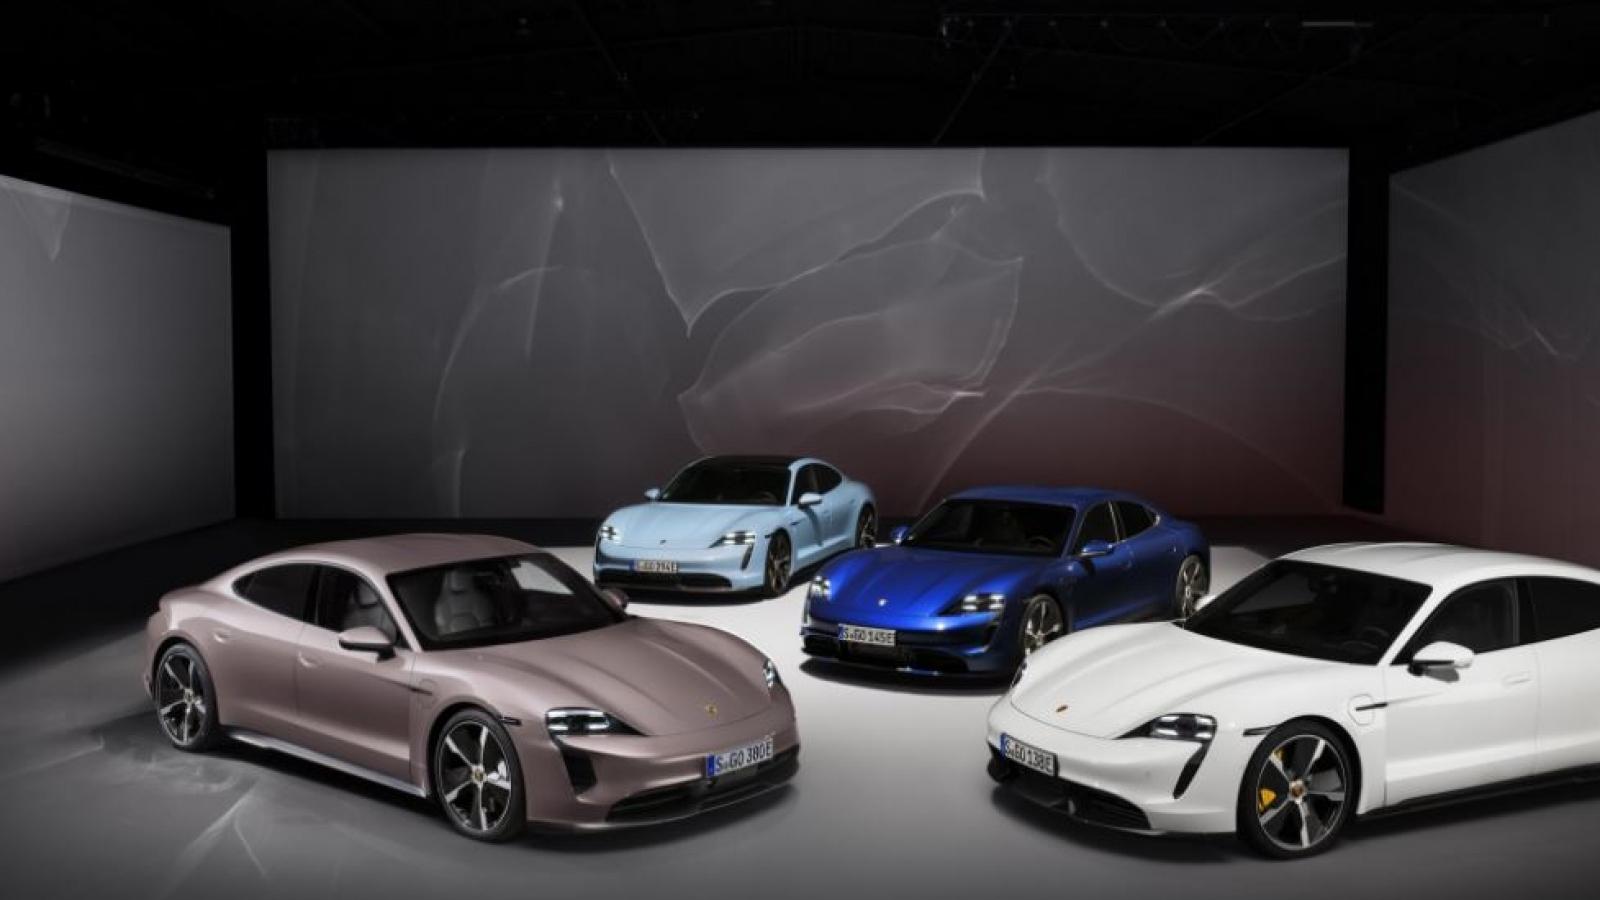 Triệu hồi Porsche Taycan vì nguy cơ lỗi hệ thống treo